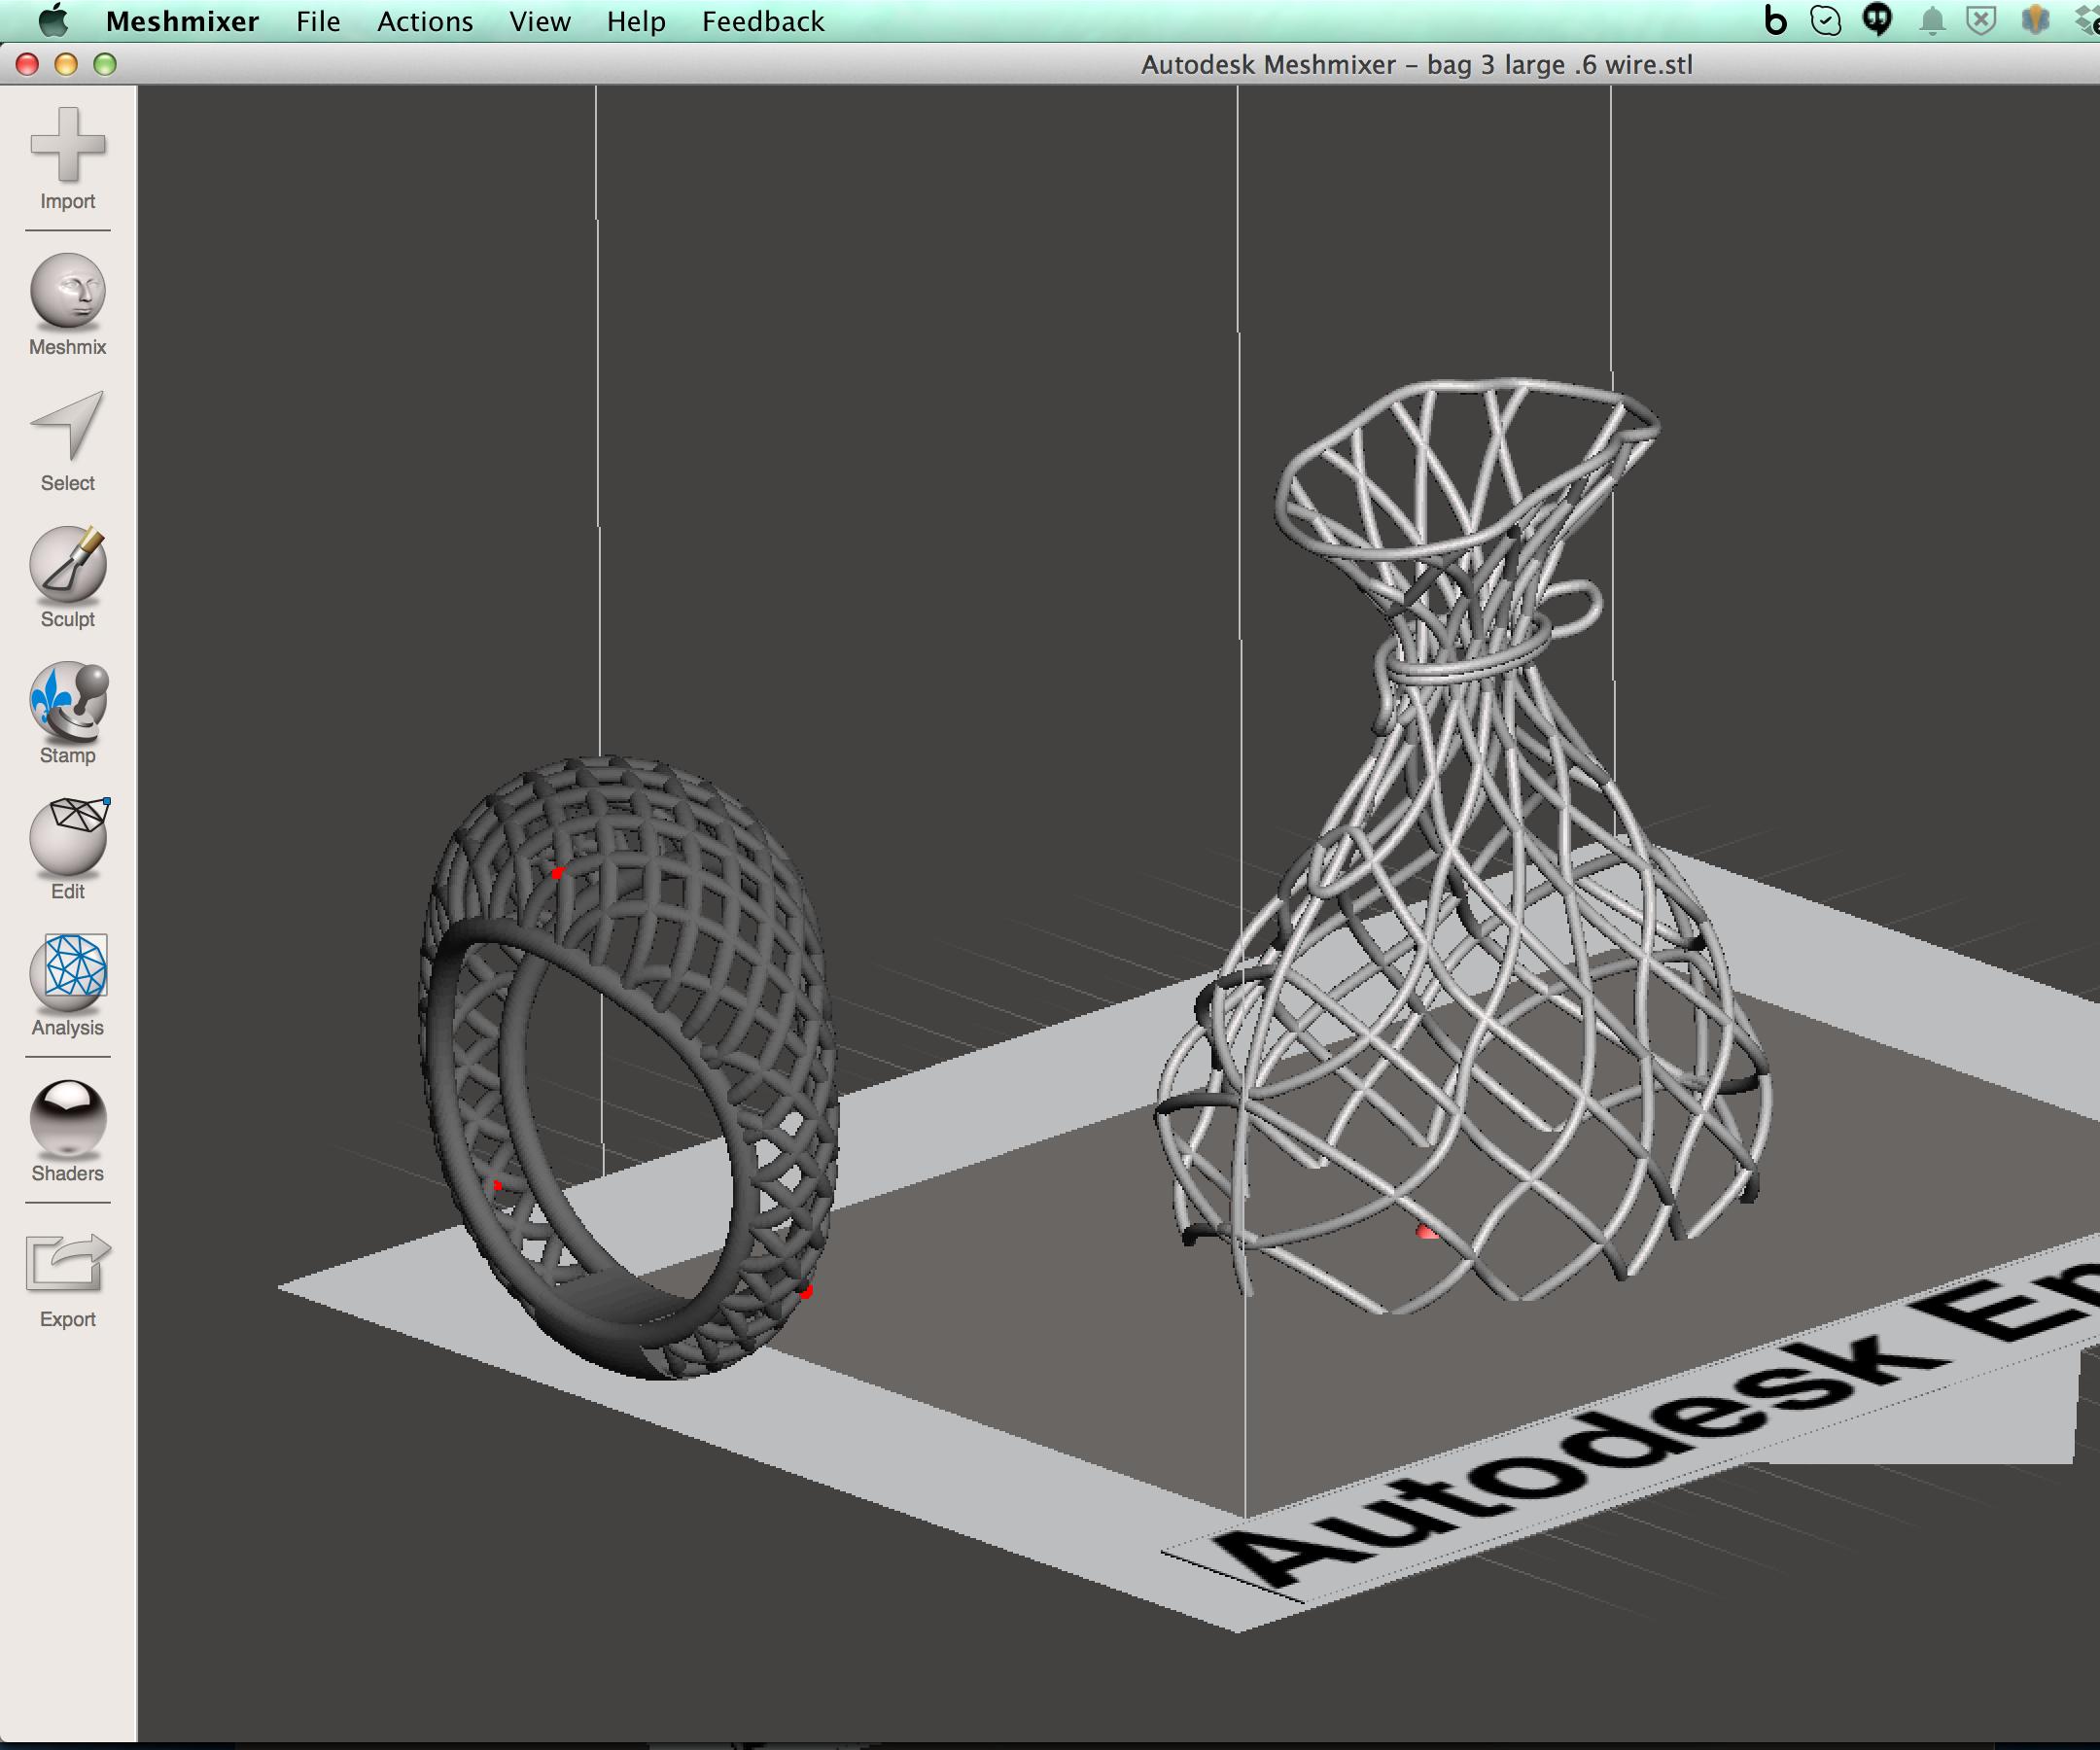 Meshmixer: Importing 3D Models : 3 Steps